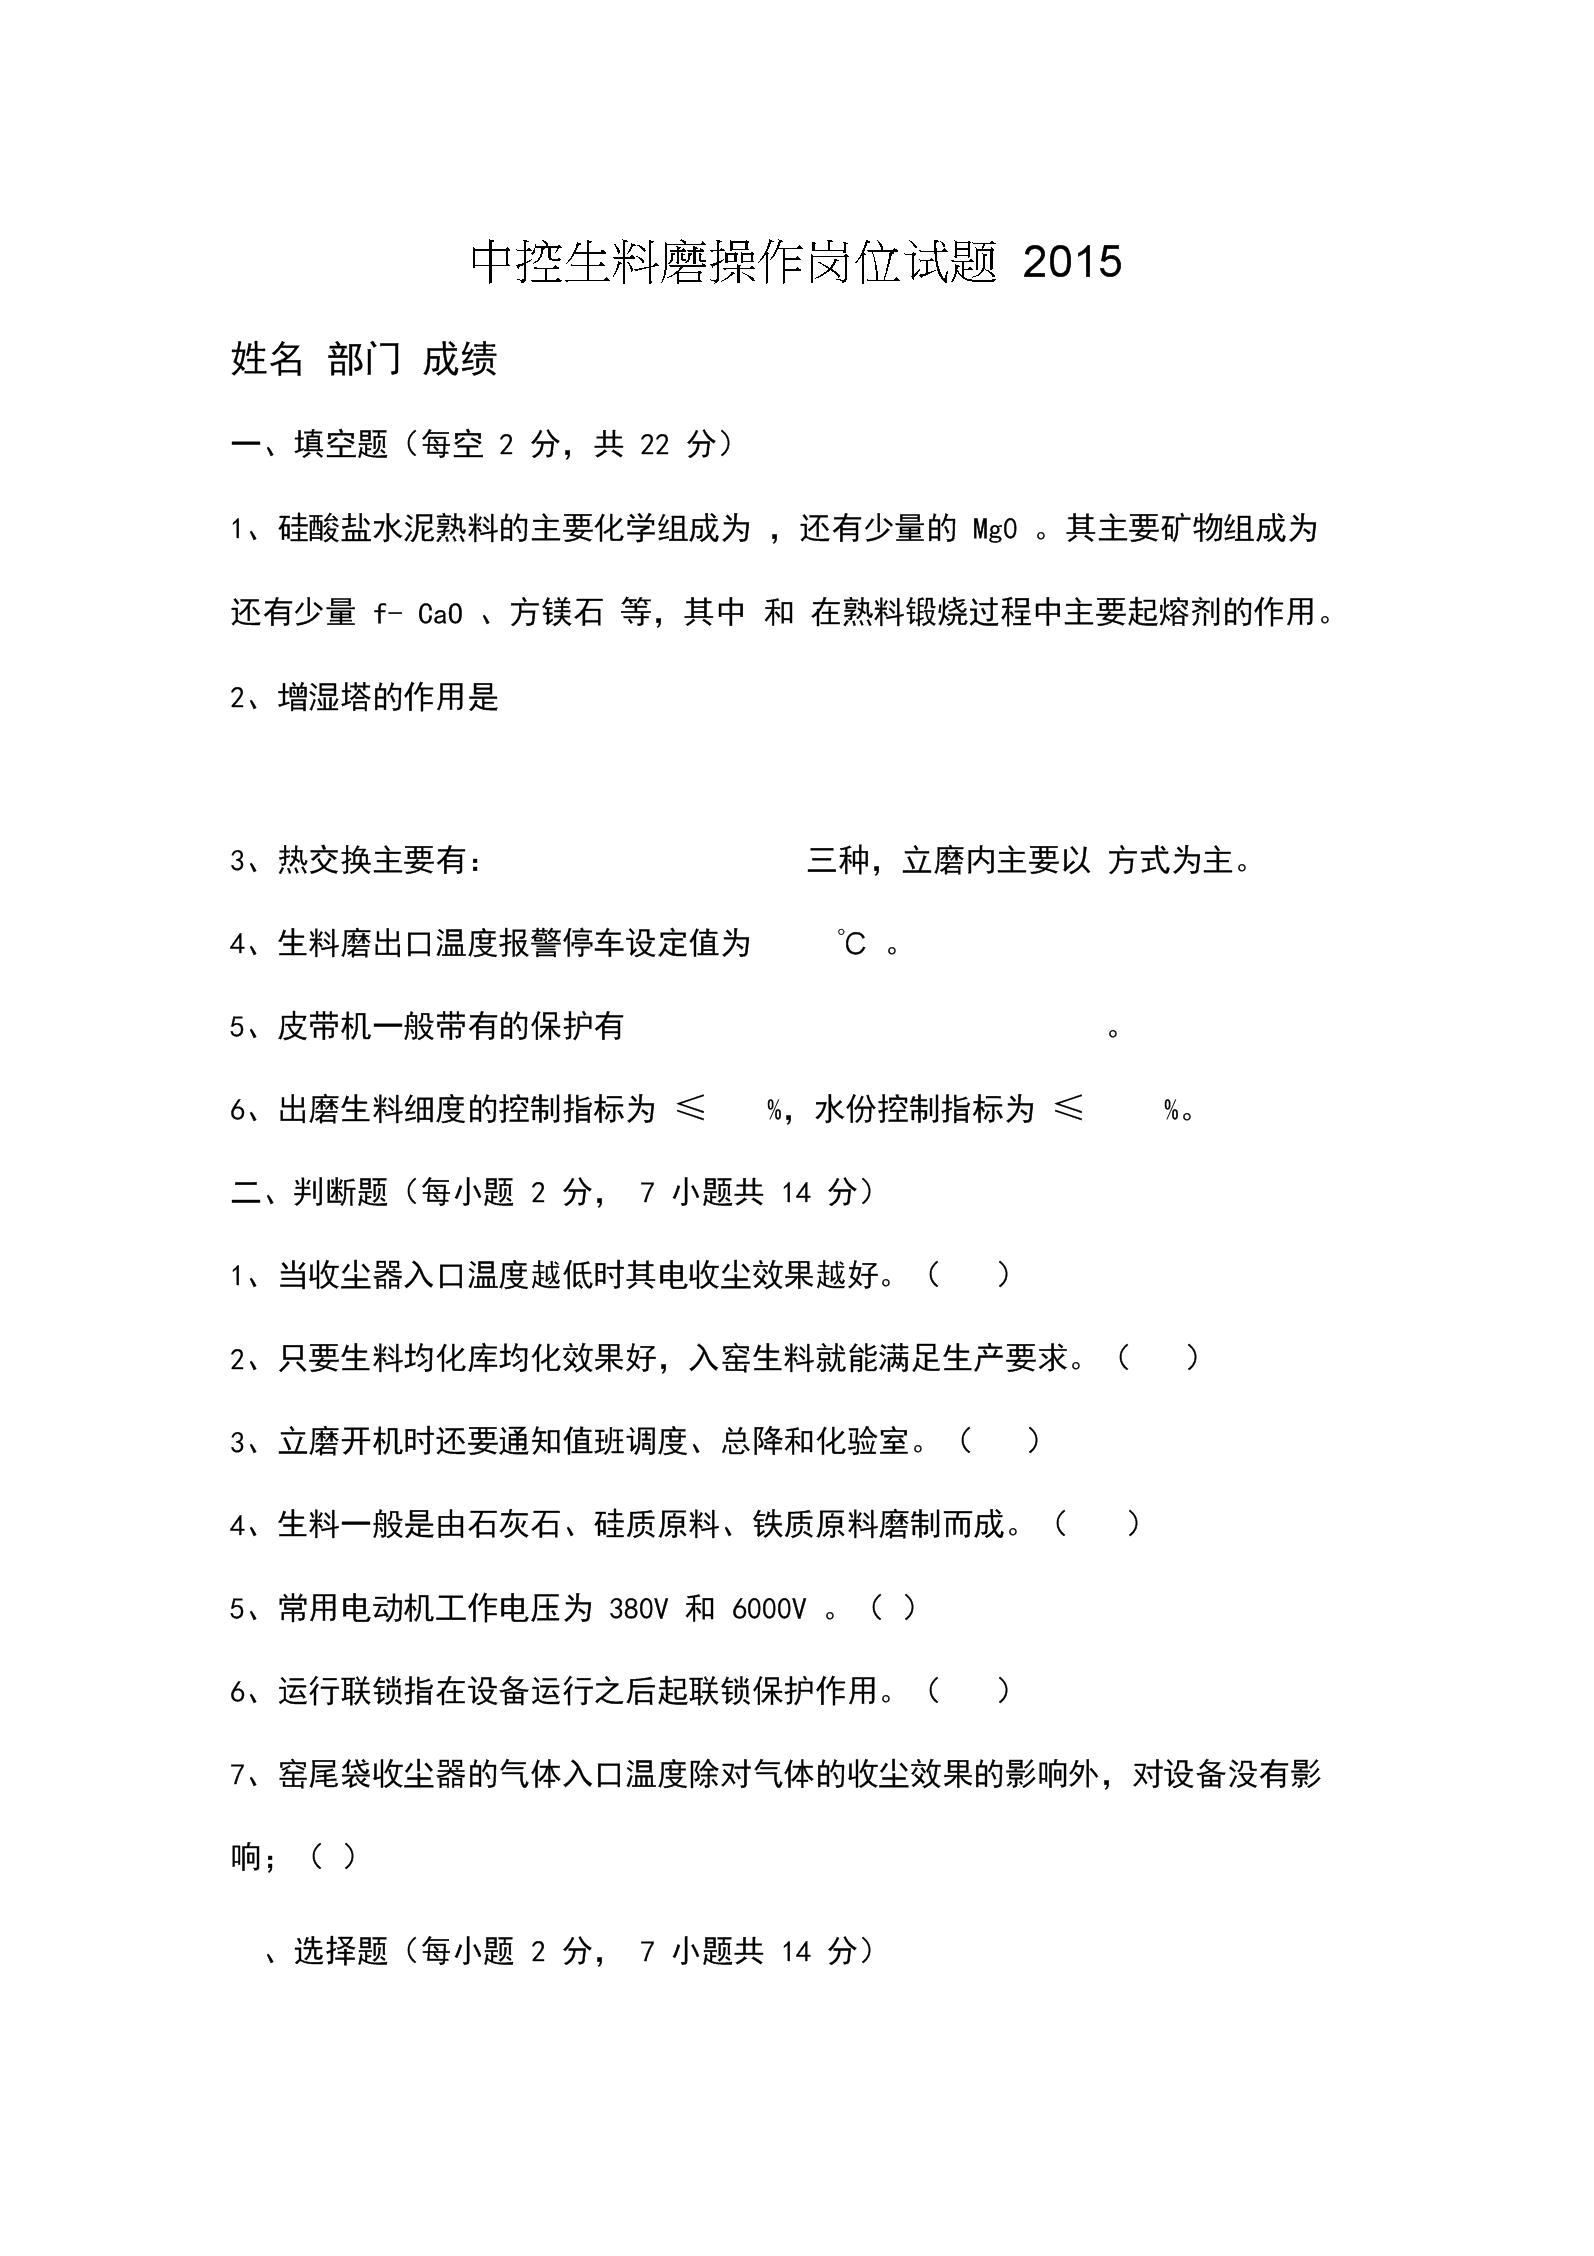 中控生料磨操作崗位試題(卷)2015.docx